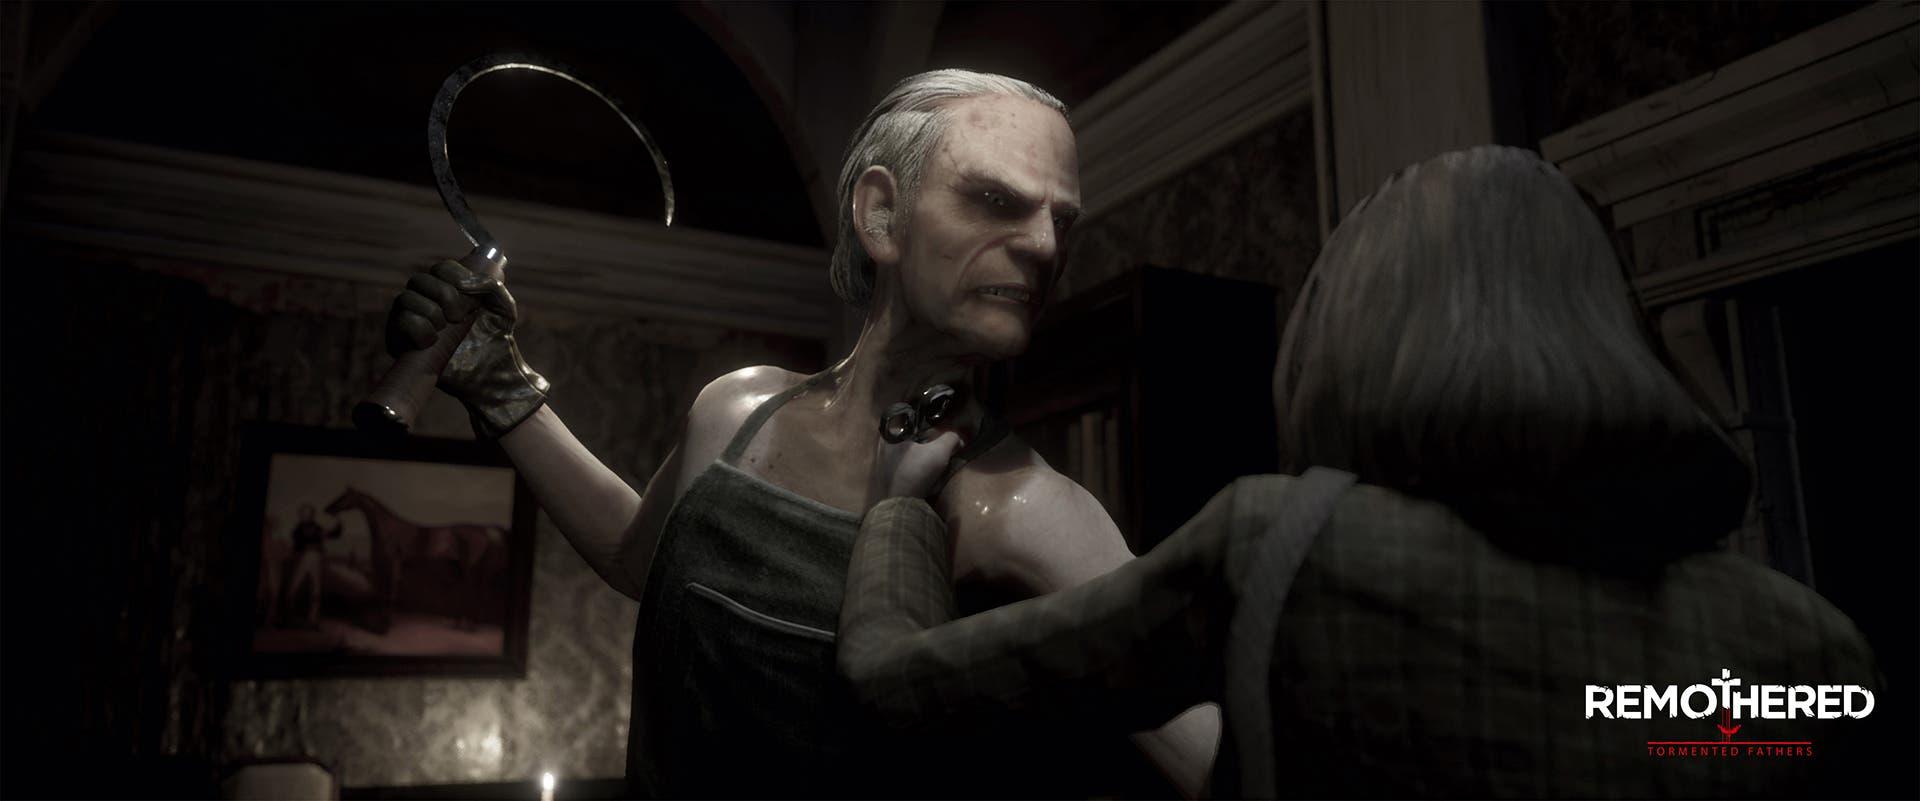 Imagen de El terror clásico de Remothered: Tormented Fathers concreta su lanzamiento en Nintendo Switch